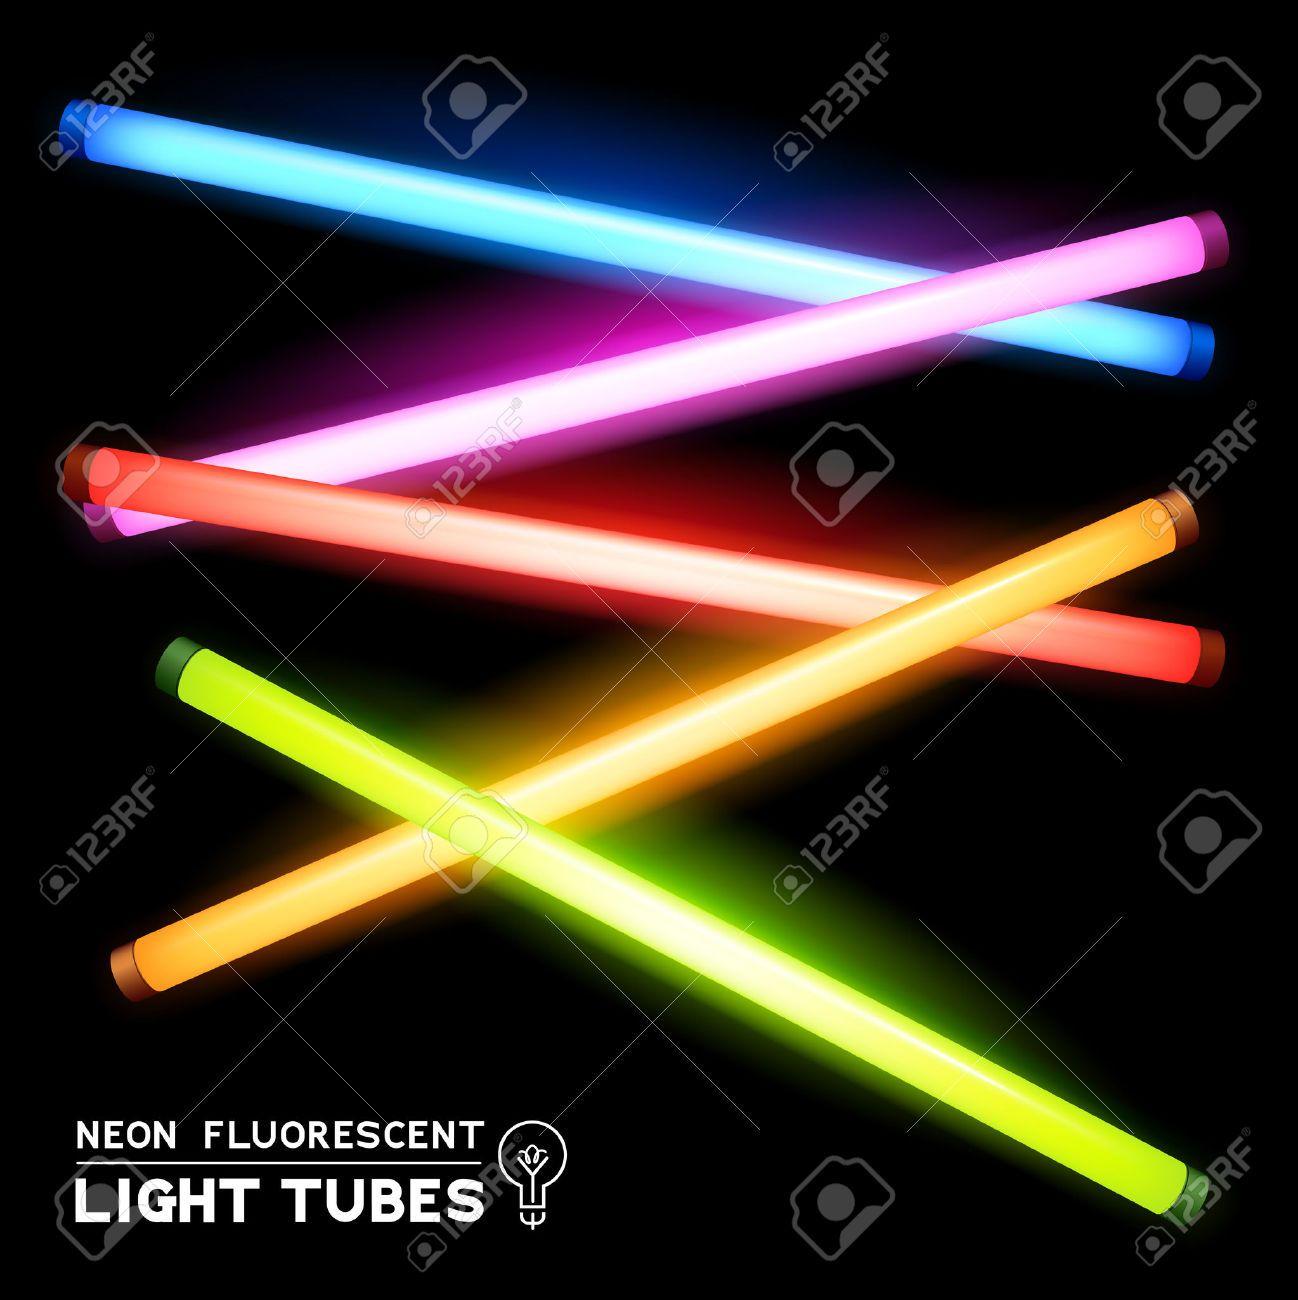 Strip search tube